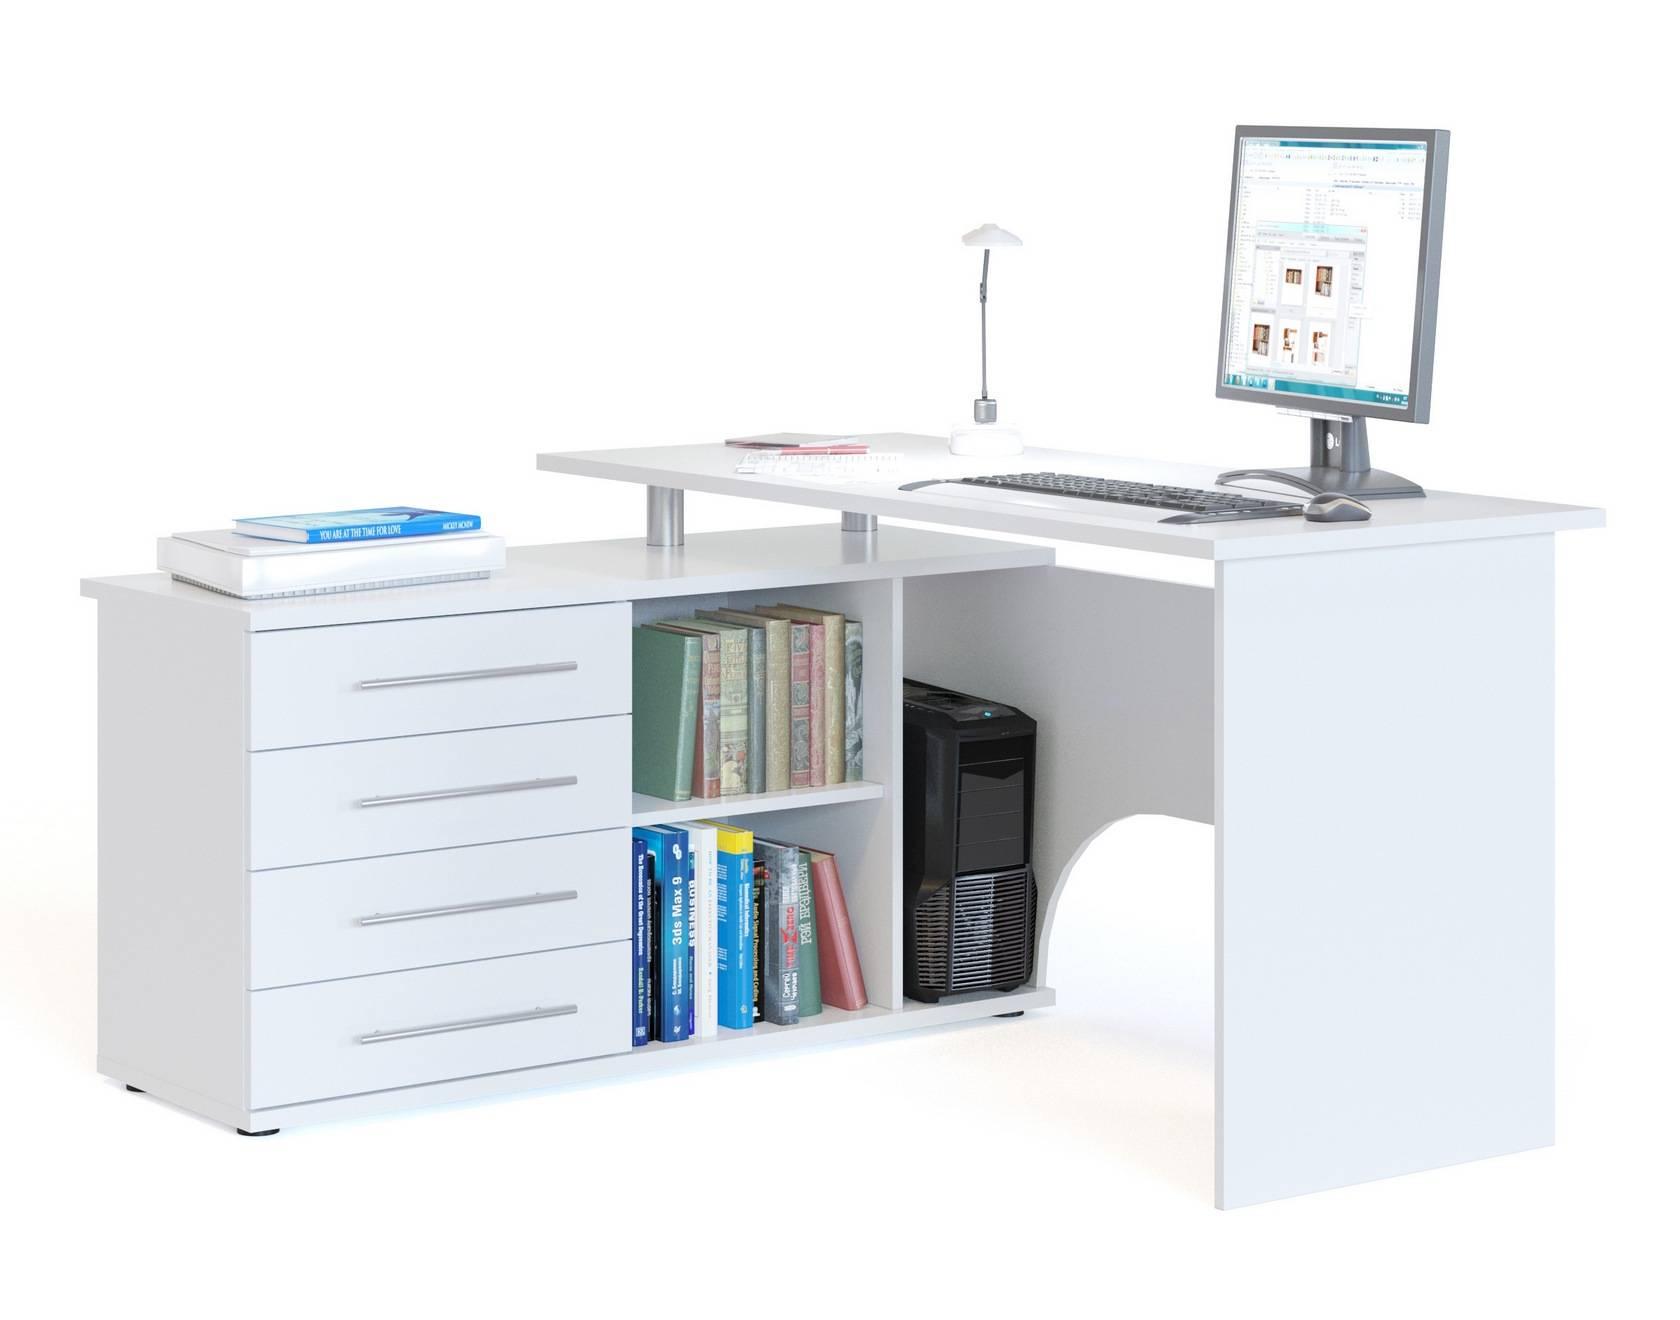 Компьютерный стол сокол кст-109л купить в казани, сравнить ц.